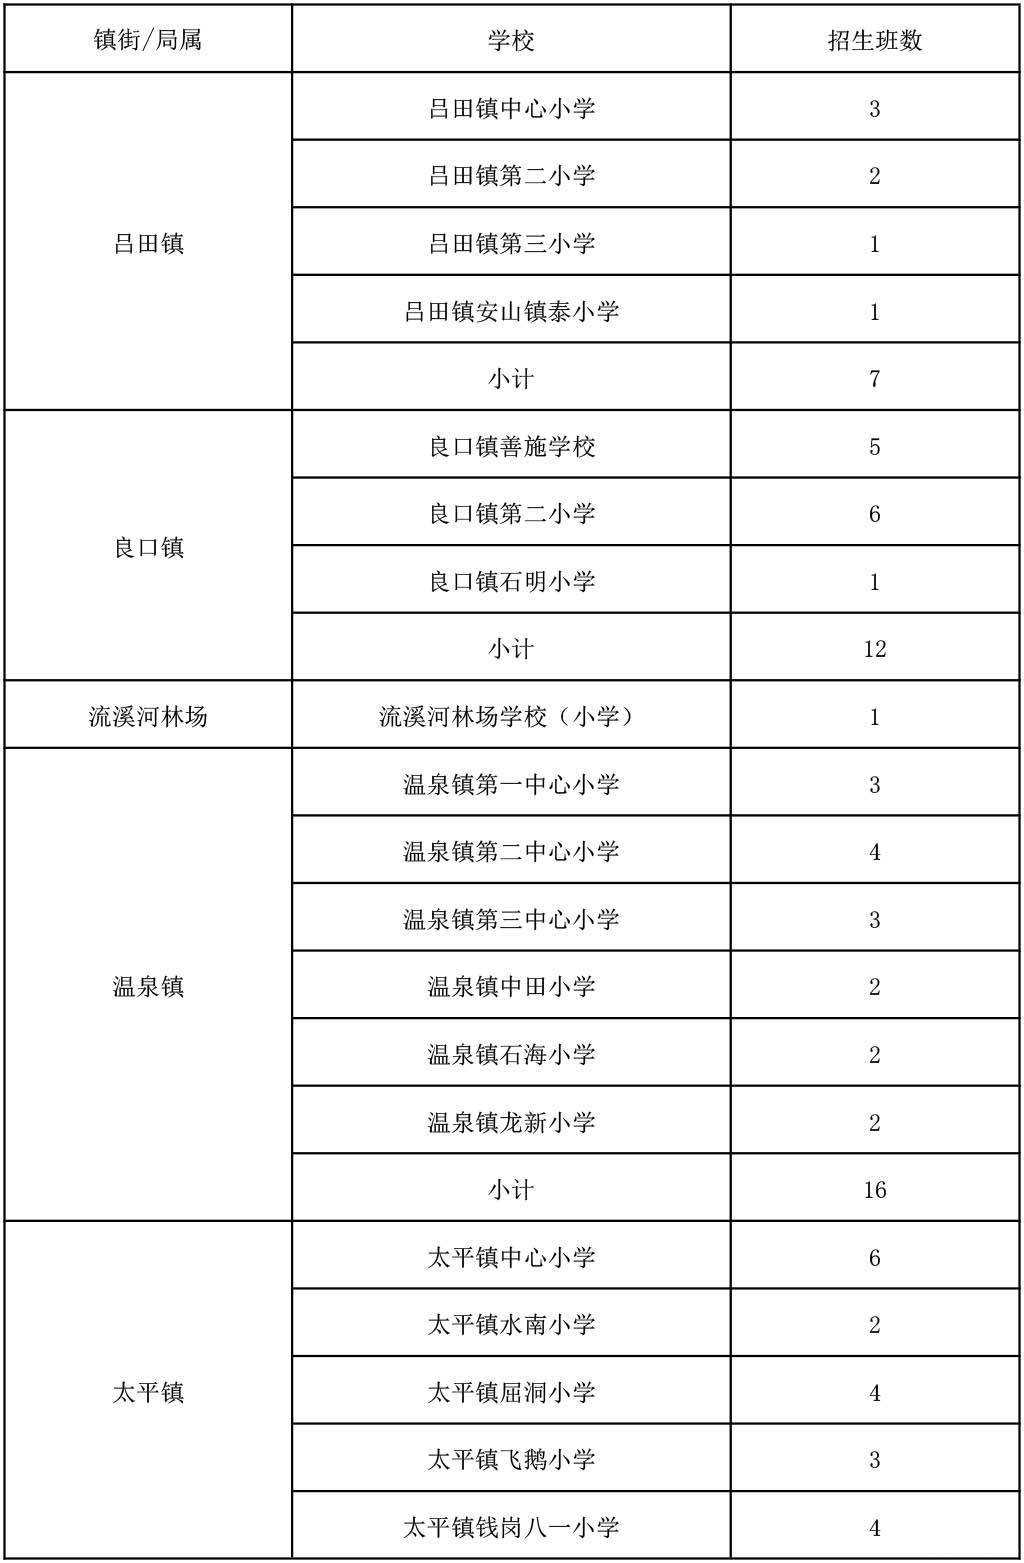 2017年从化区地段中小学实验范围小学_2017招生招生城区上海市图片